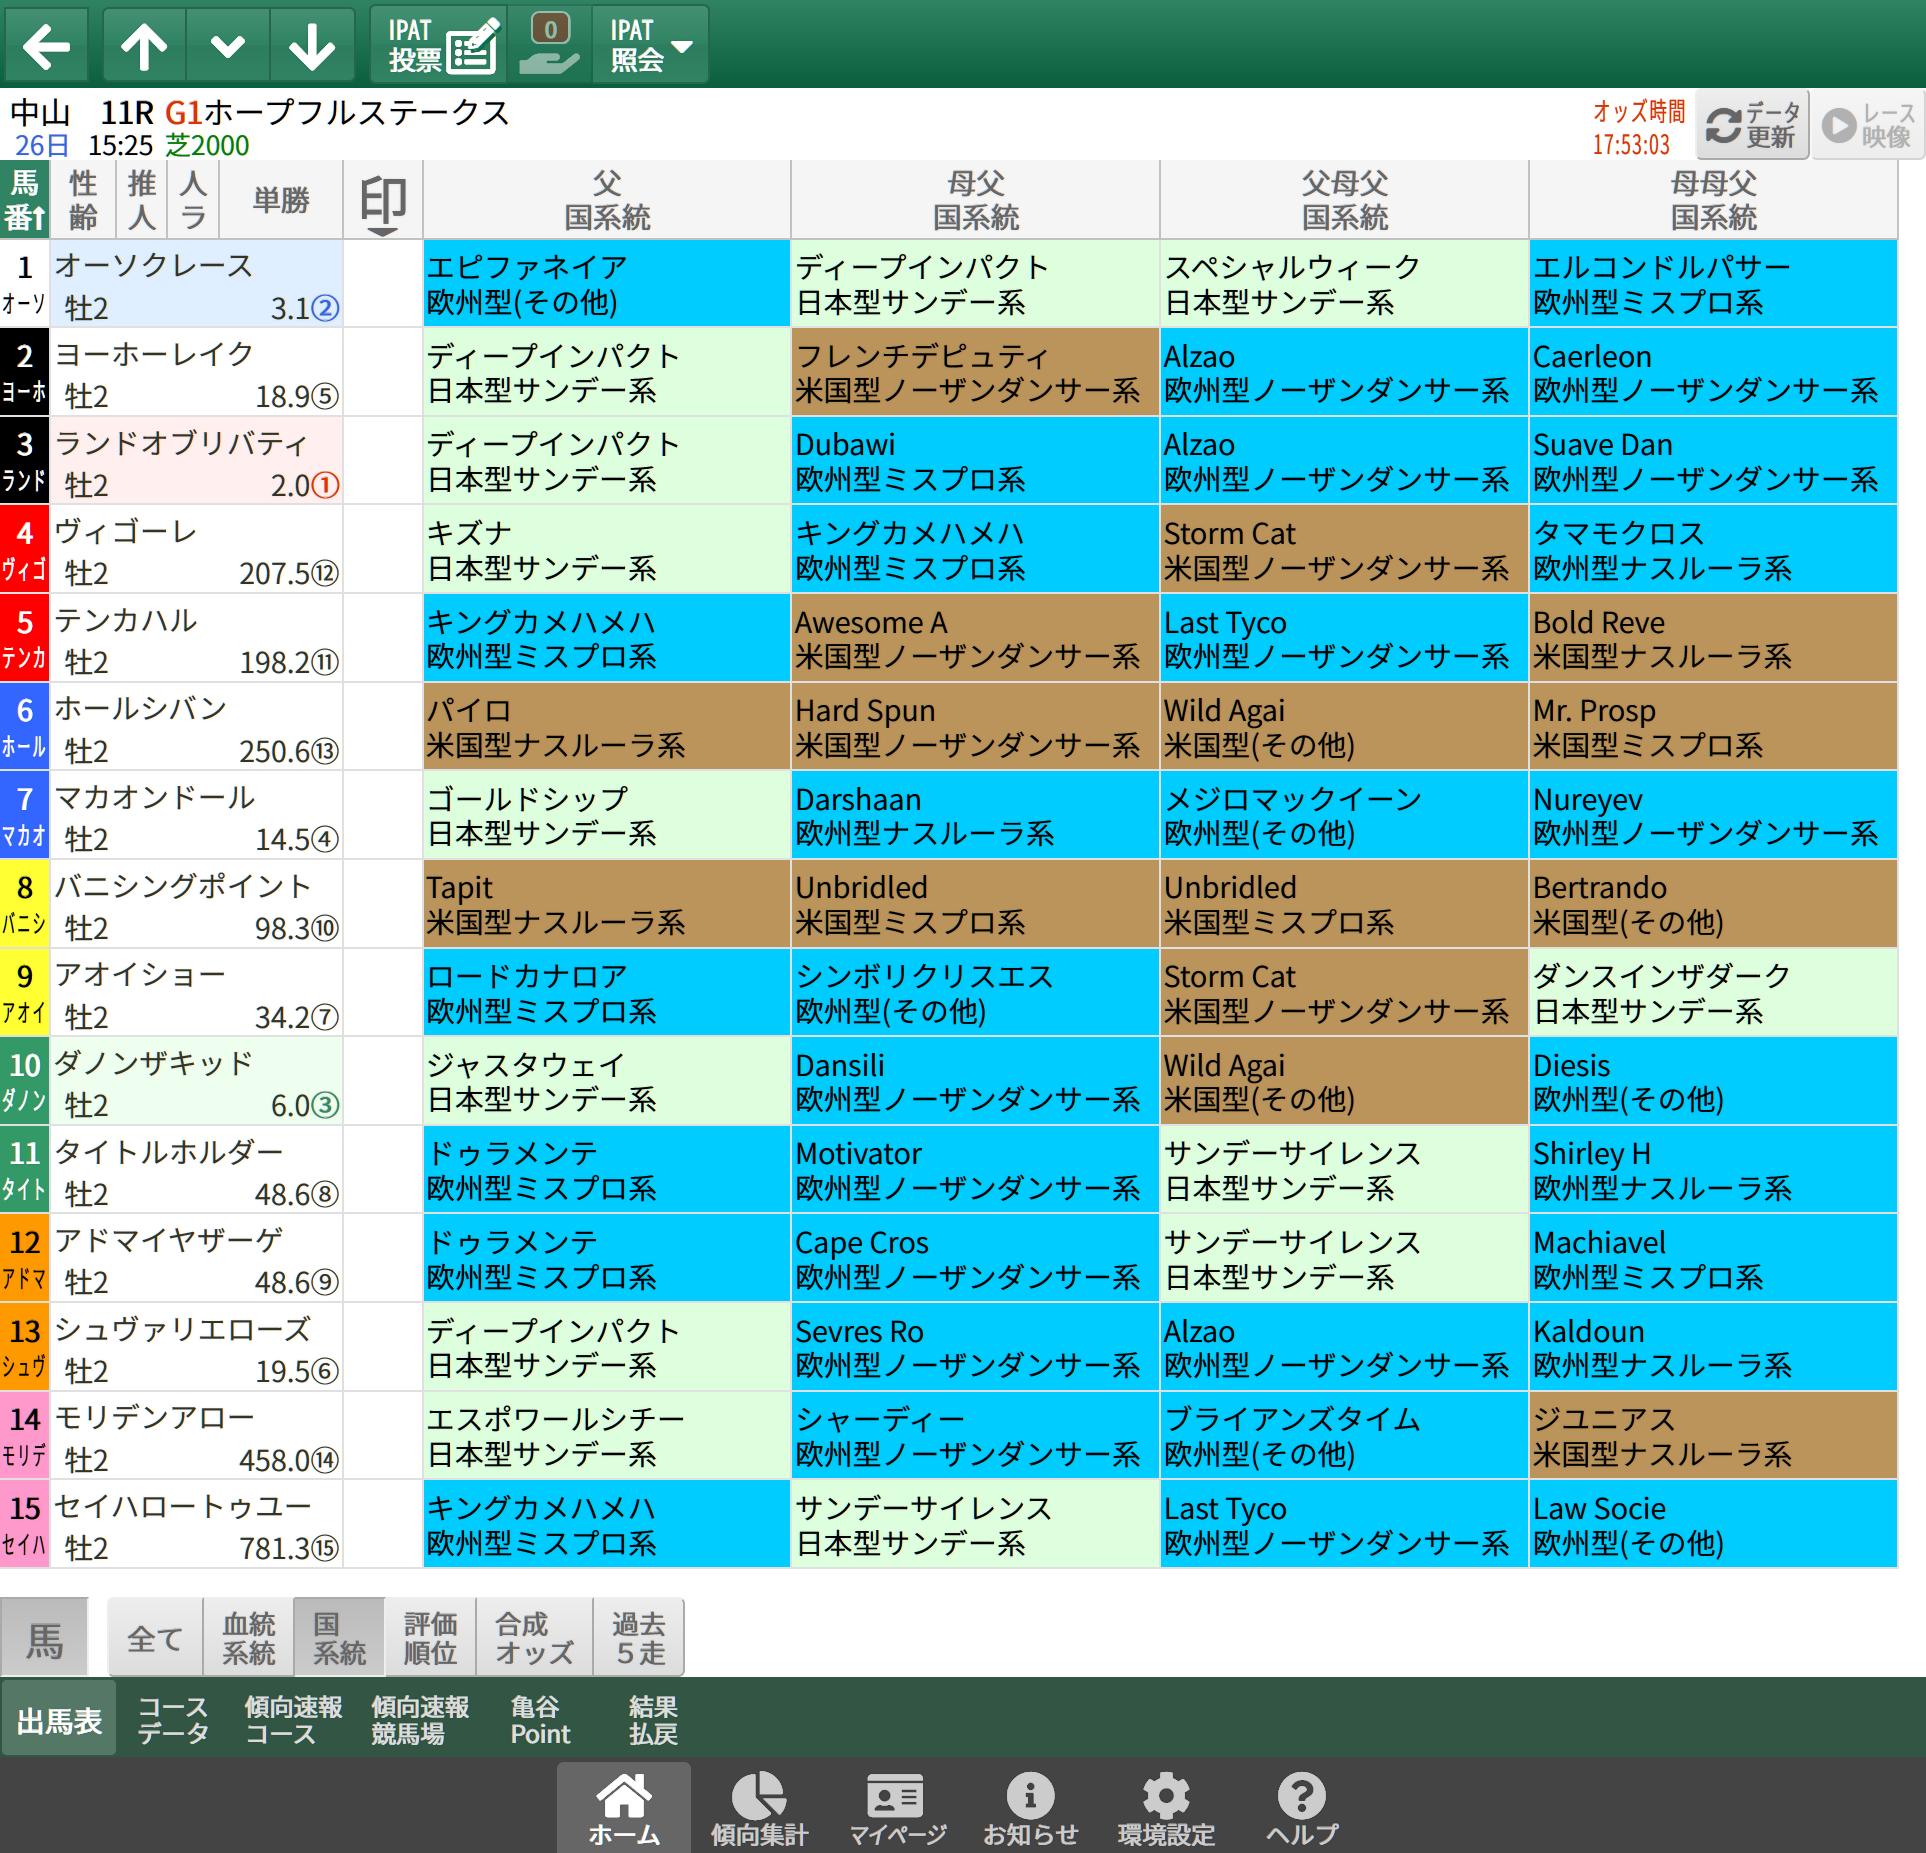 【無料公開】ホープフルS / 亀谷サロン限定公開中のスマート出馬表・次期バージョン